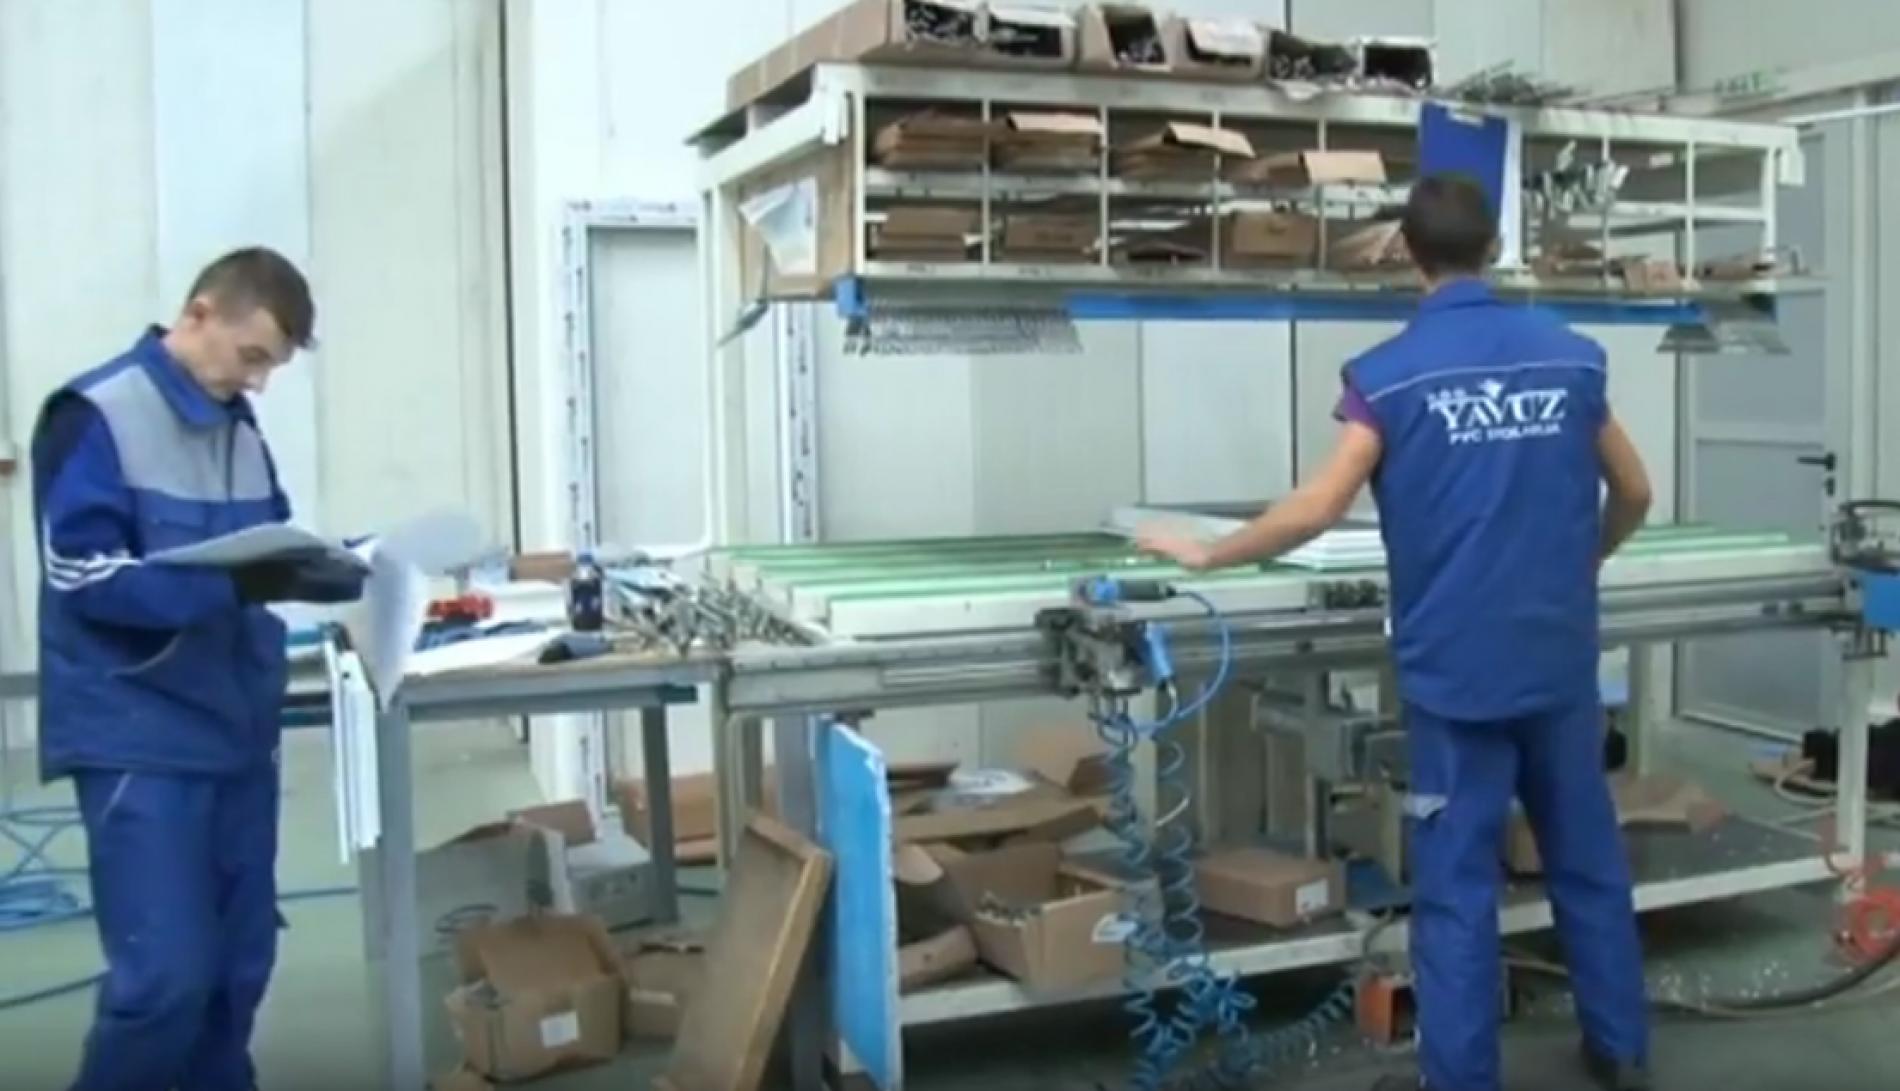 Brčko: Kompanija Yavuz planira otvoriti još 700 radnih mjesta